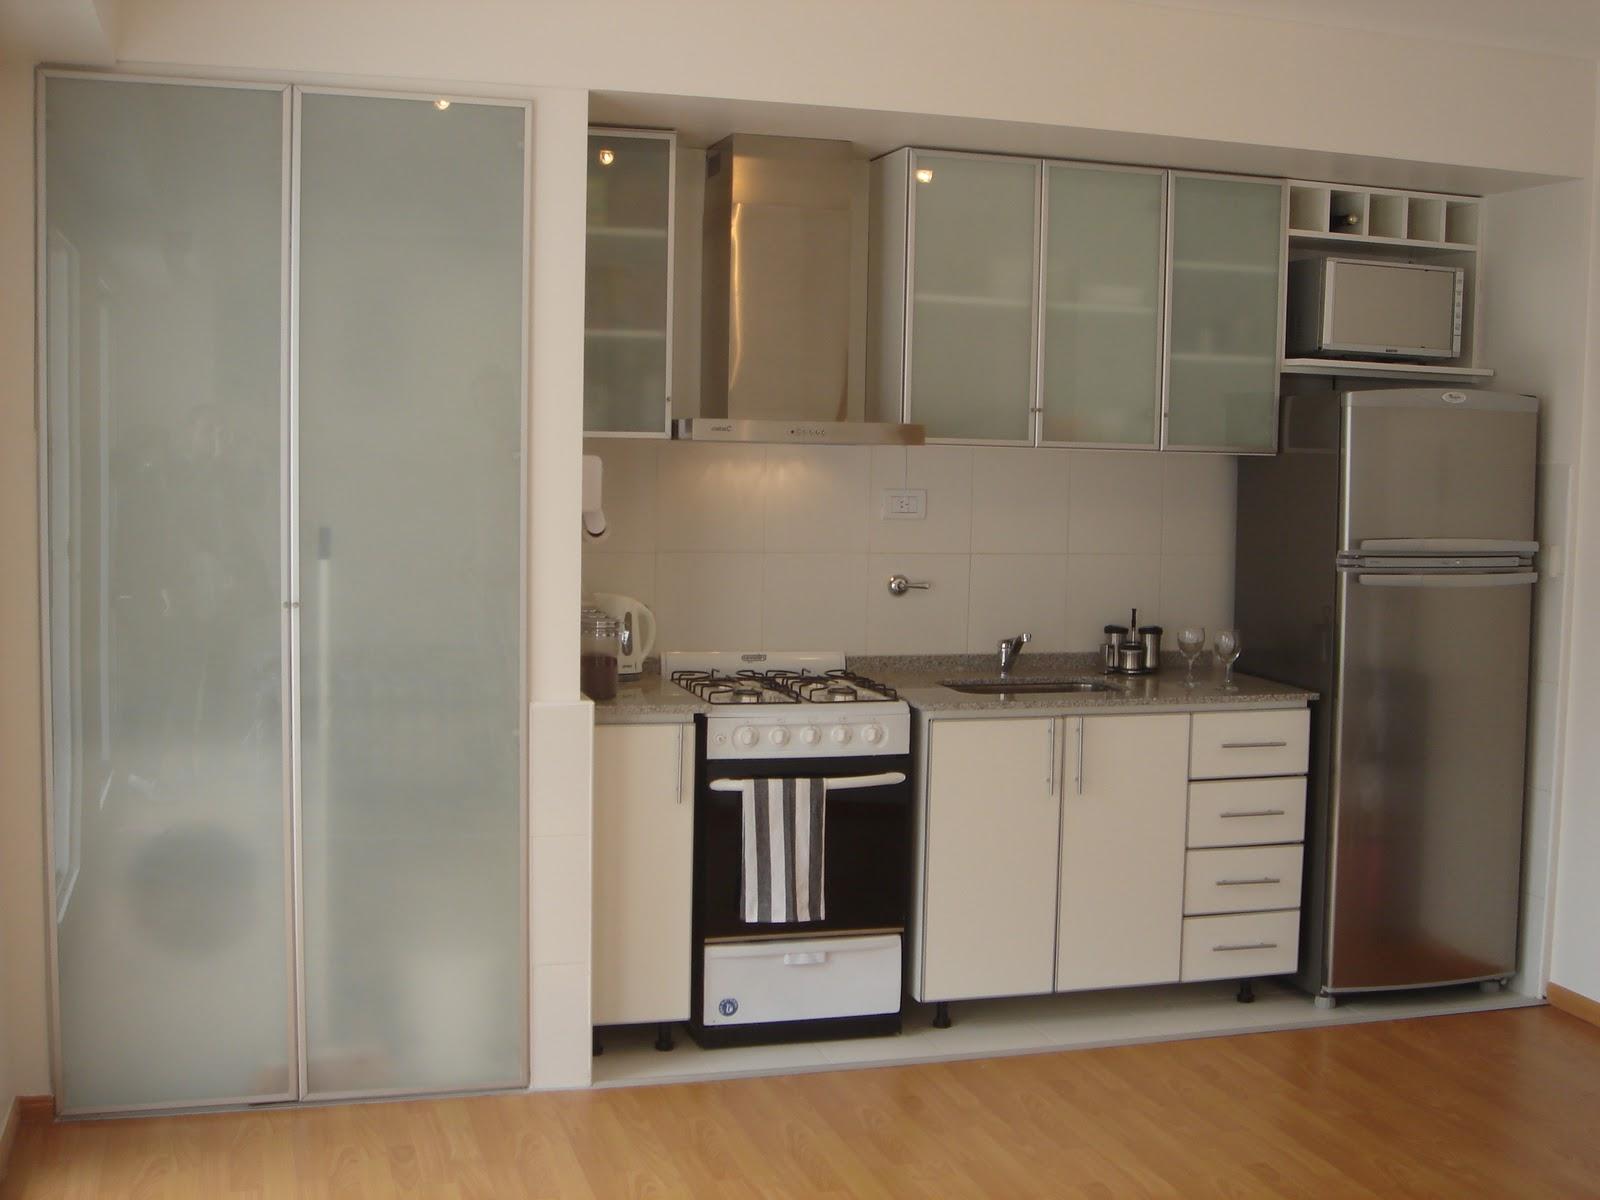 Casa 26 el primer nido for Cocina y lavadero integrados